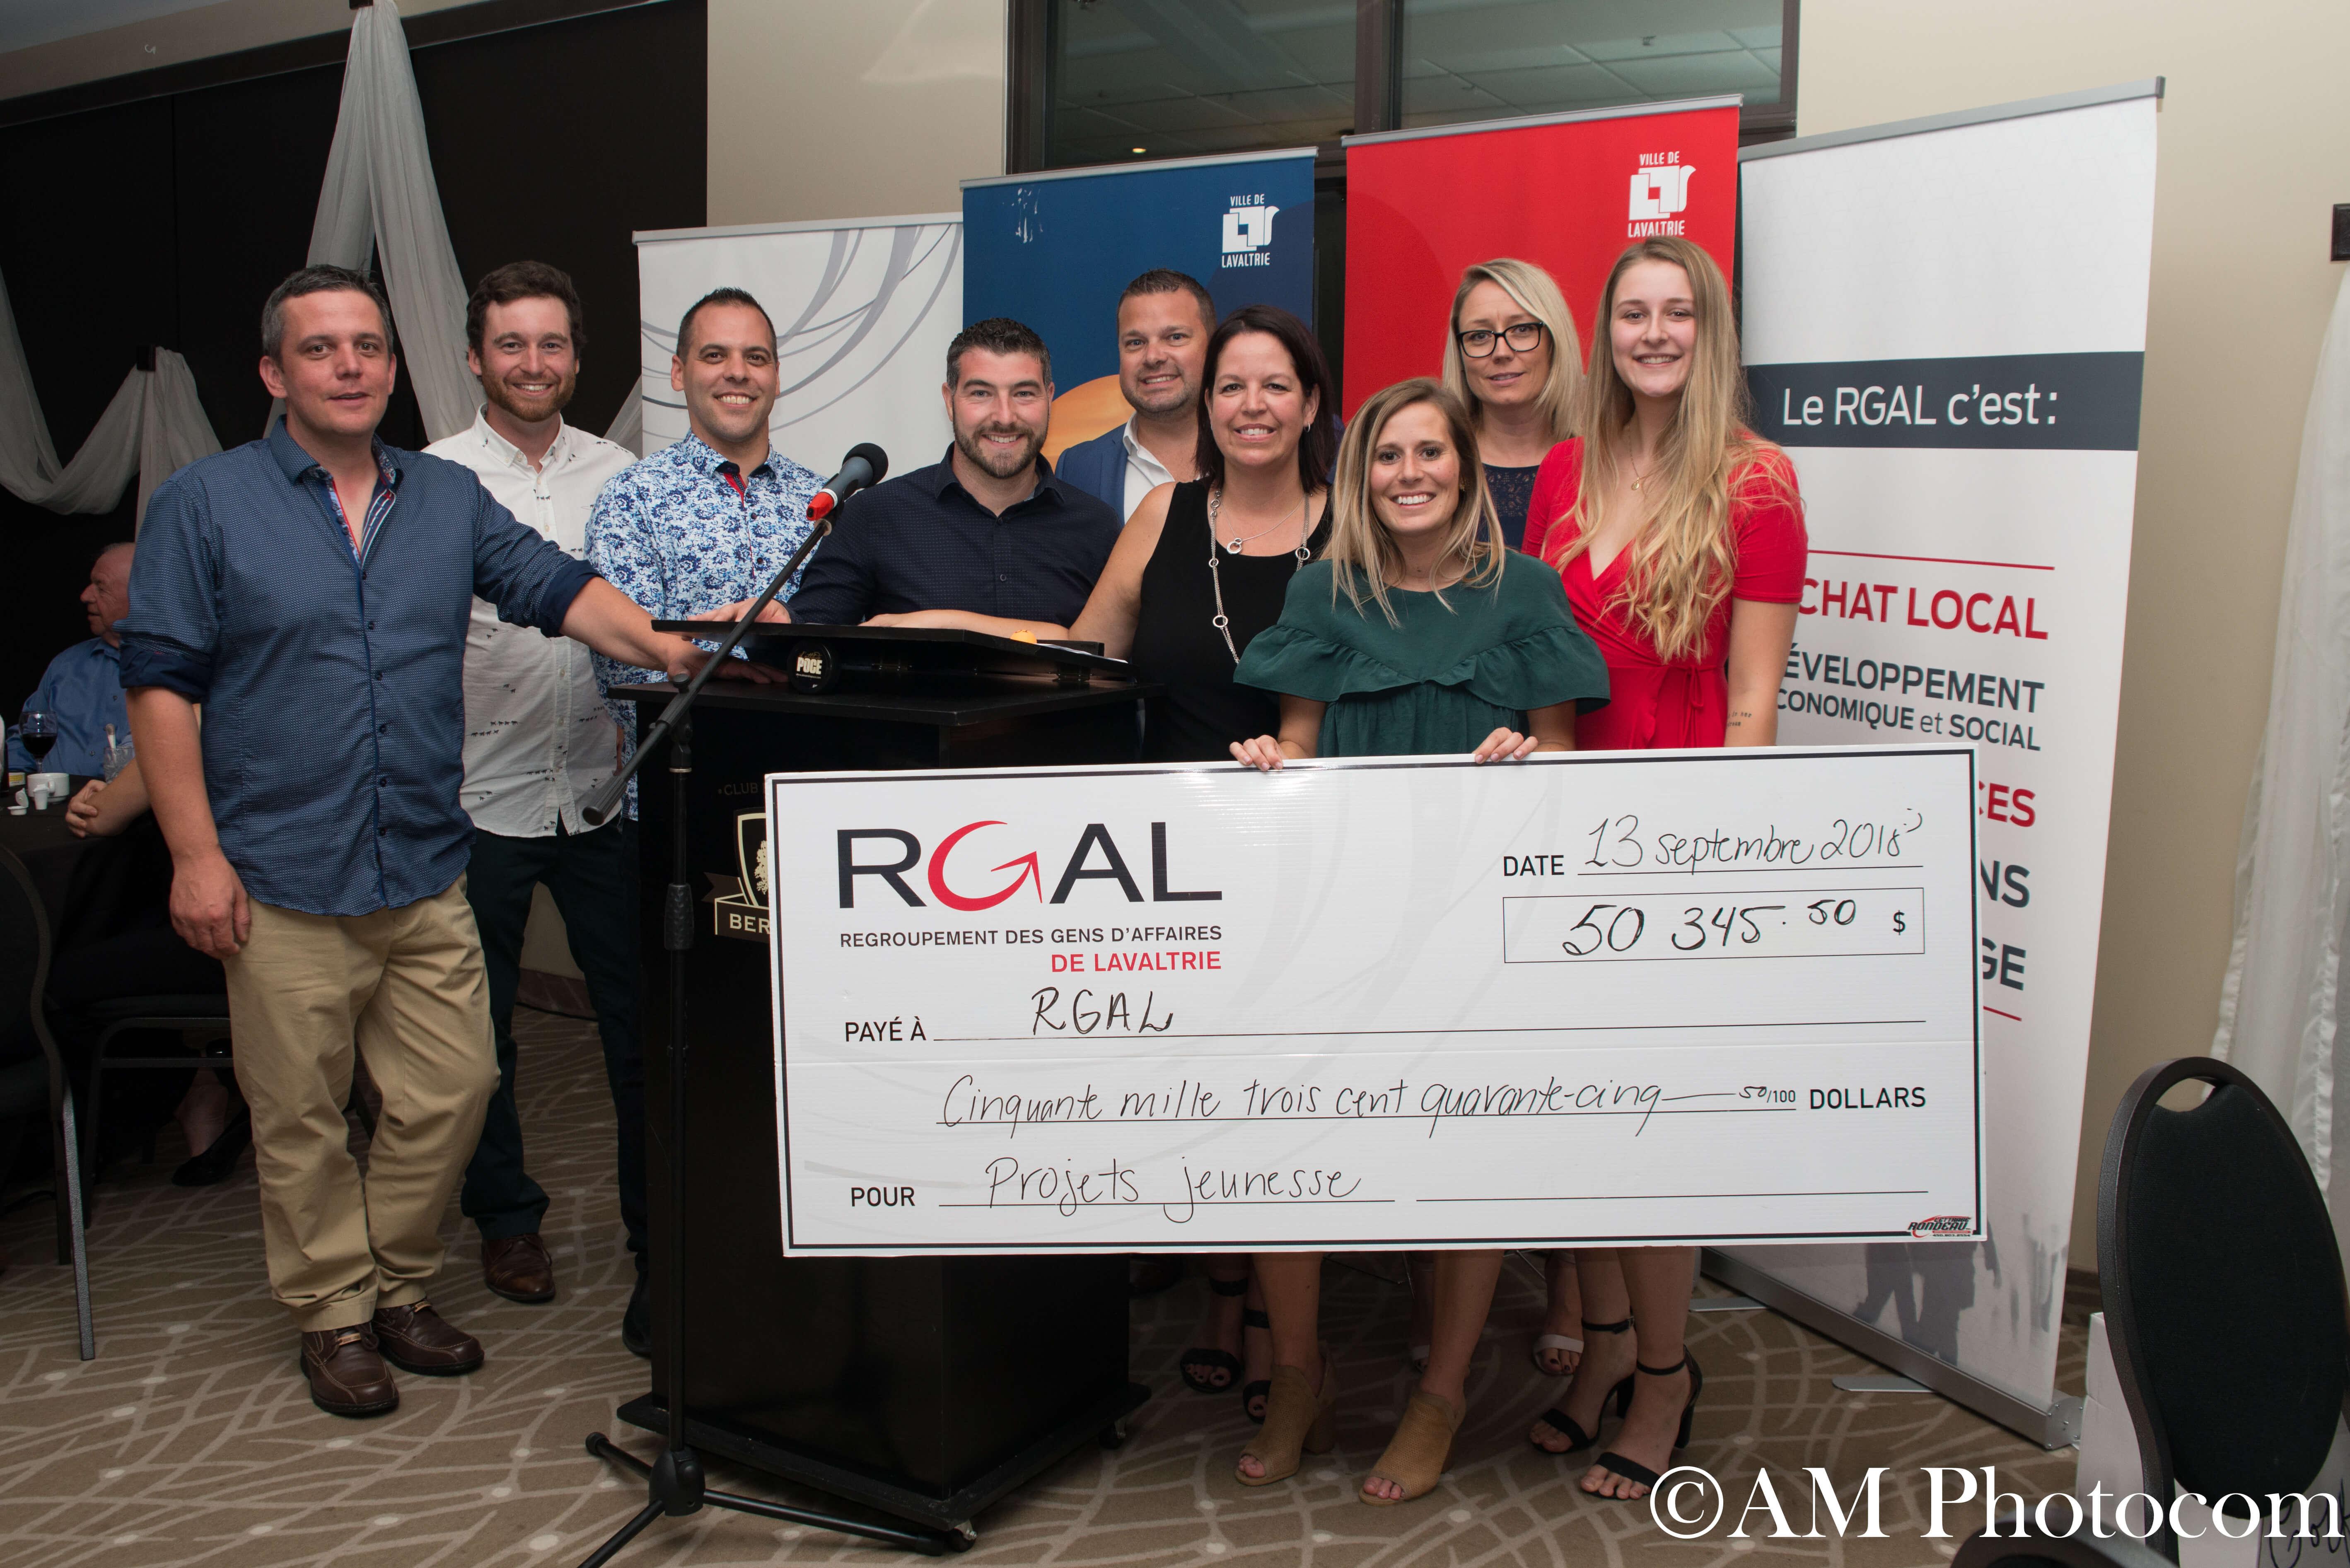 Plus de 50 000$ amassés pour la jeunesse et l'avancement de Lavaltrie